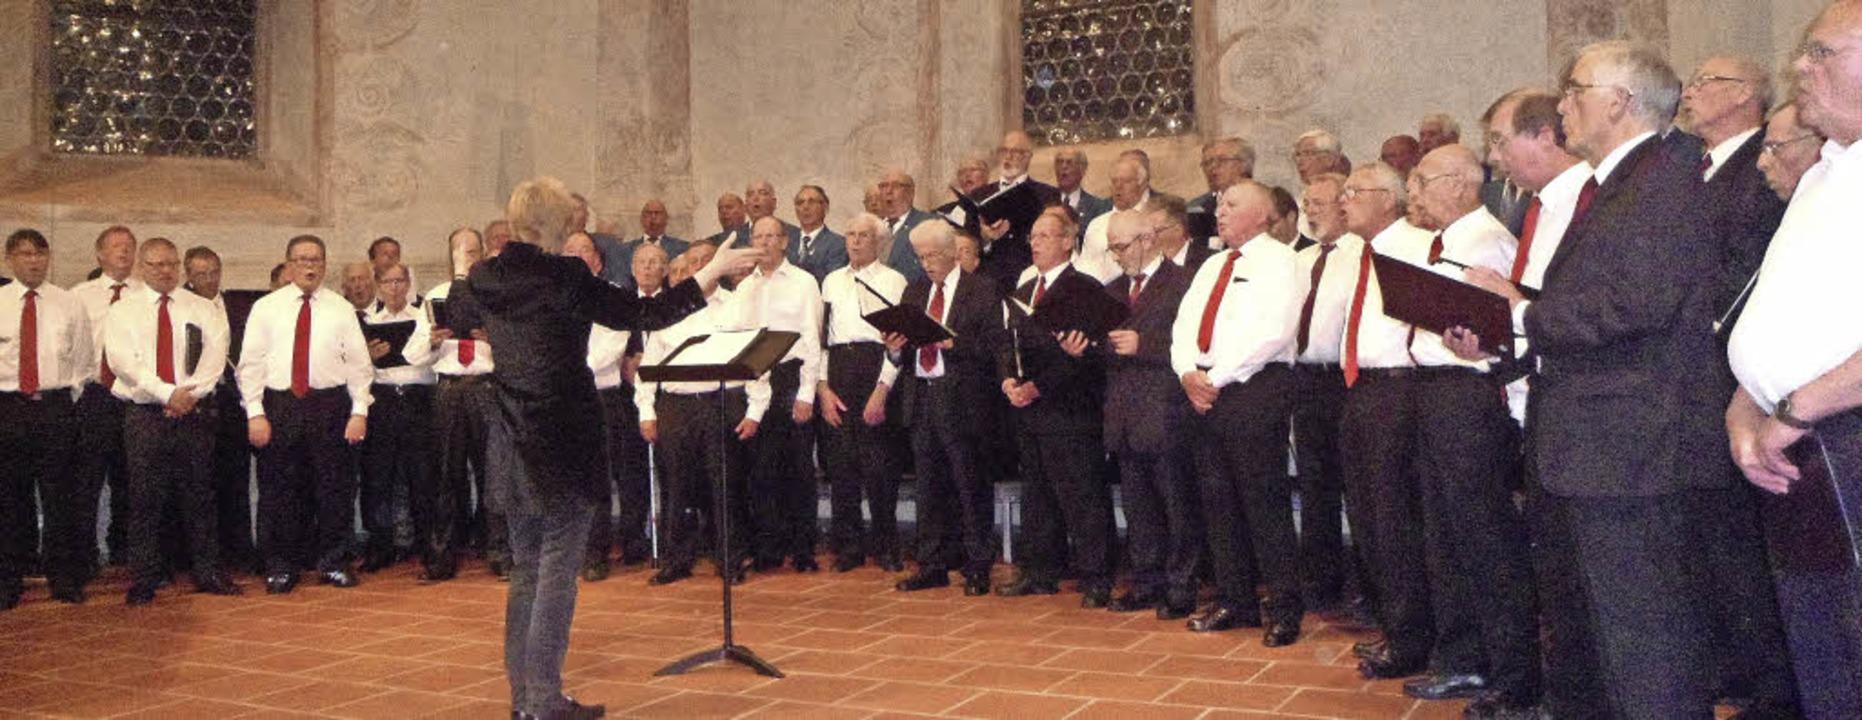 Das Männerchorfestival in der Martinskirche vereinigte fünf Männerchöre.   | Foto: Bianca Flier